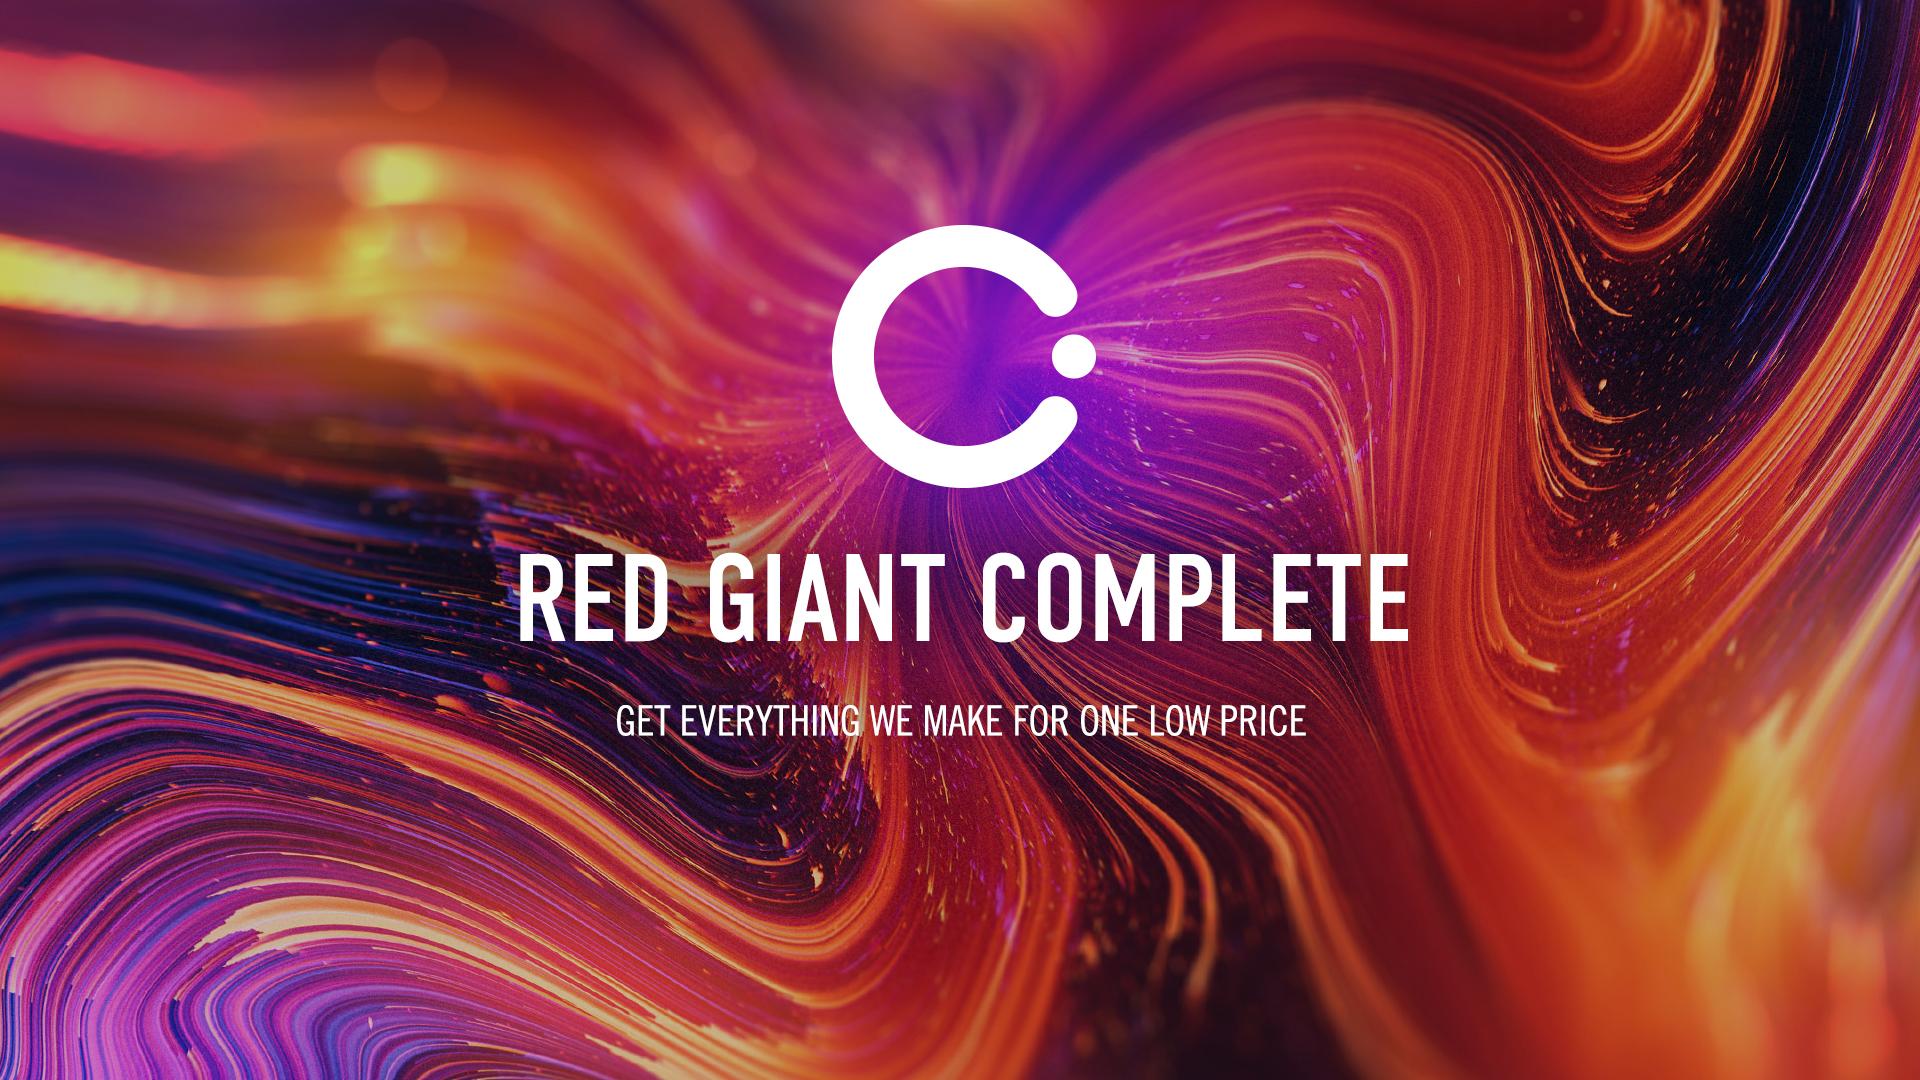 Red Giant Complete - suscríbete a las herramientas que tu programa de edición desearía haber tenido